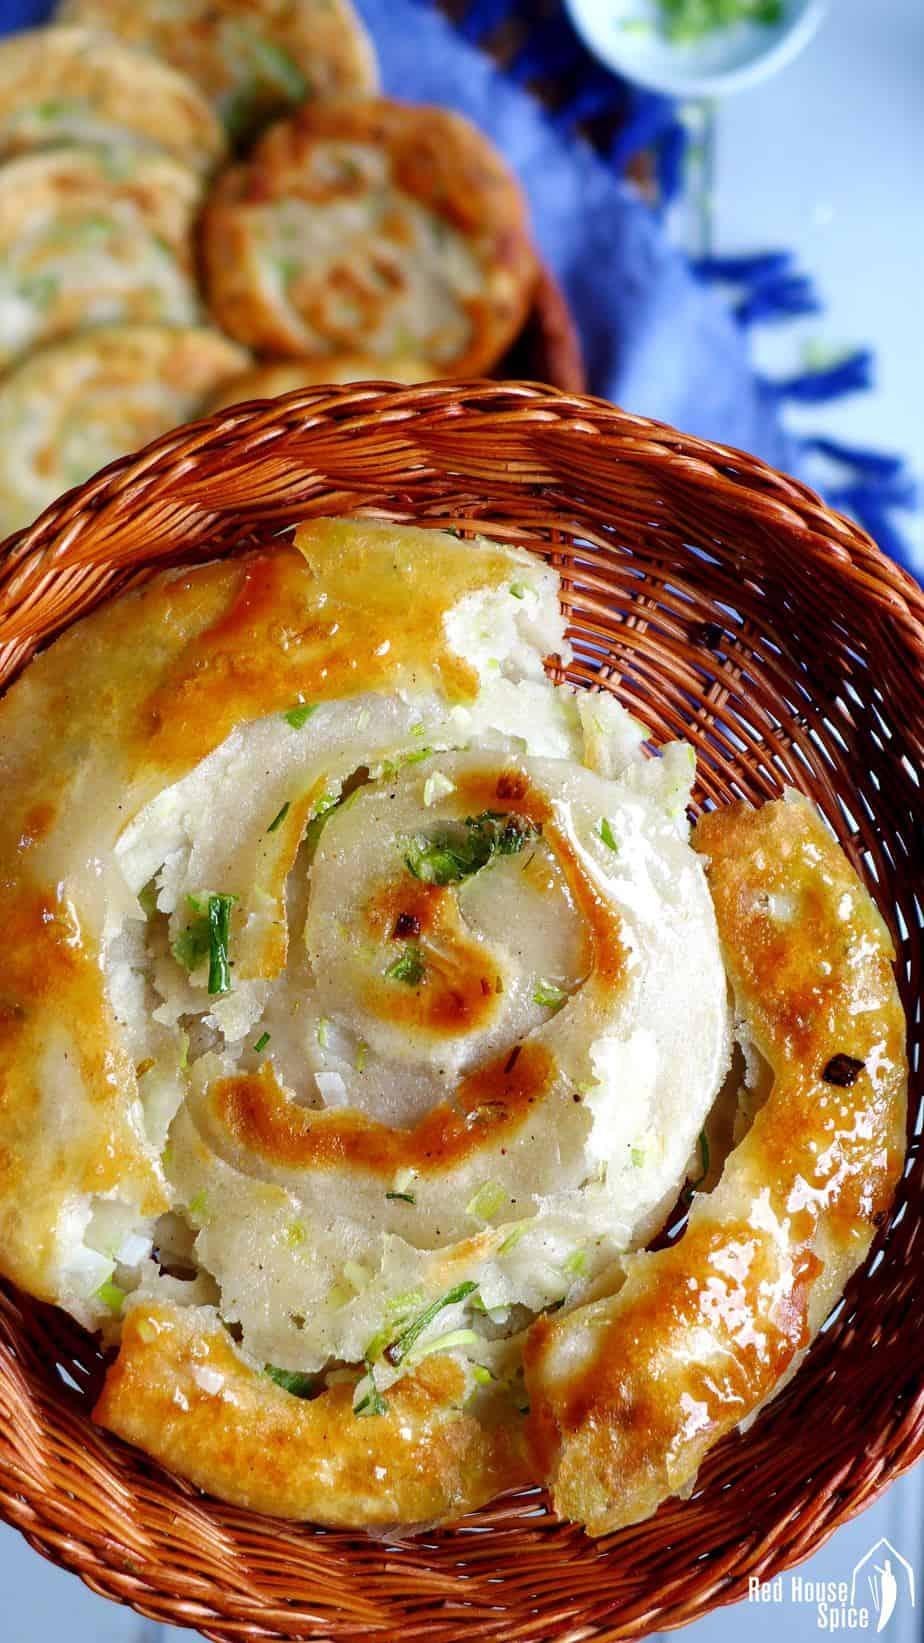 A scallion pancake